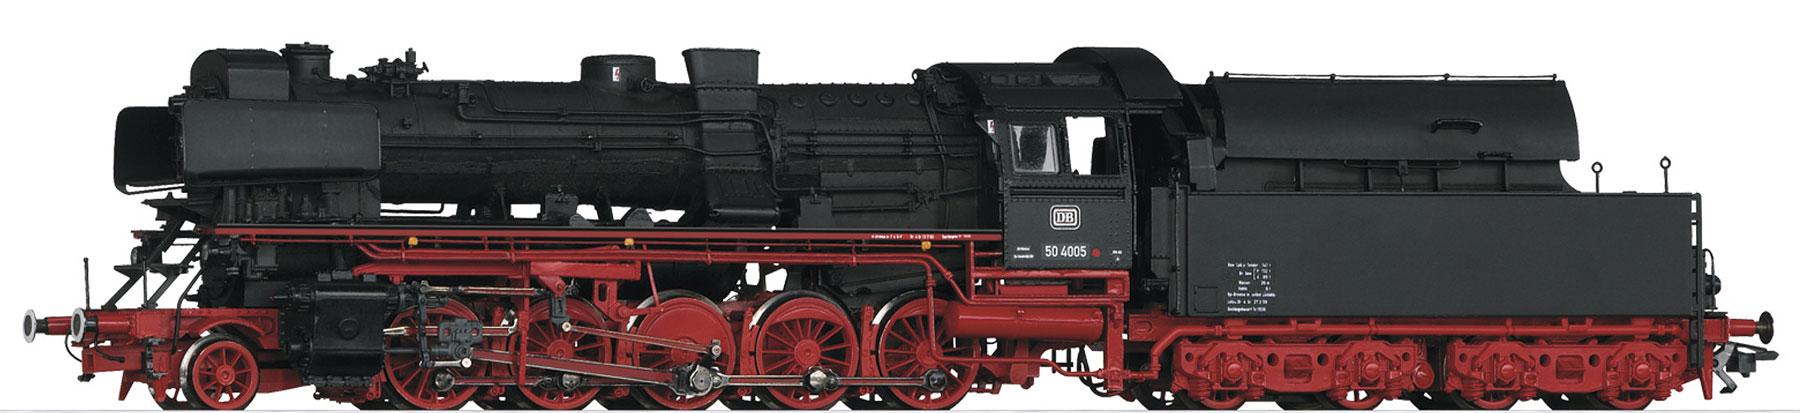 Trix 22051 - Baureihe 50.40 der Deutschen Bundesbahn (DB). Umbauversion mit Neubau-Hochleistungskessel und Franco-Crosti-Rauchgasvorwärmer.1